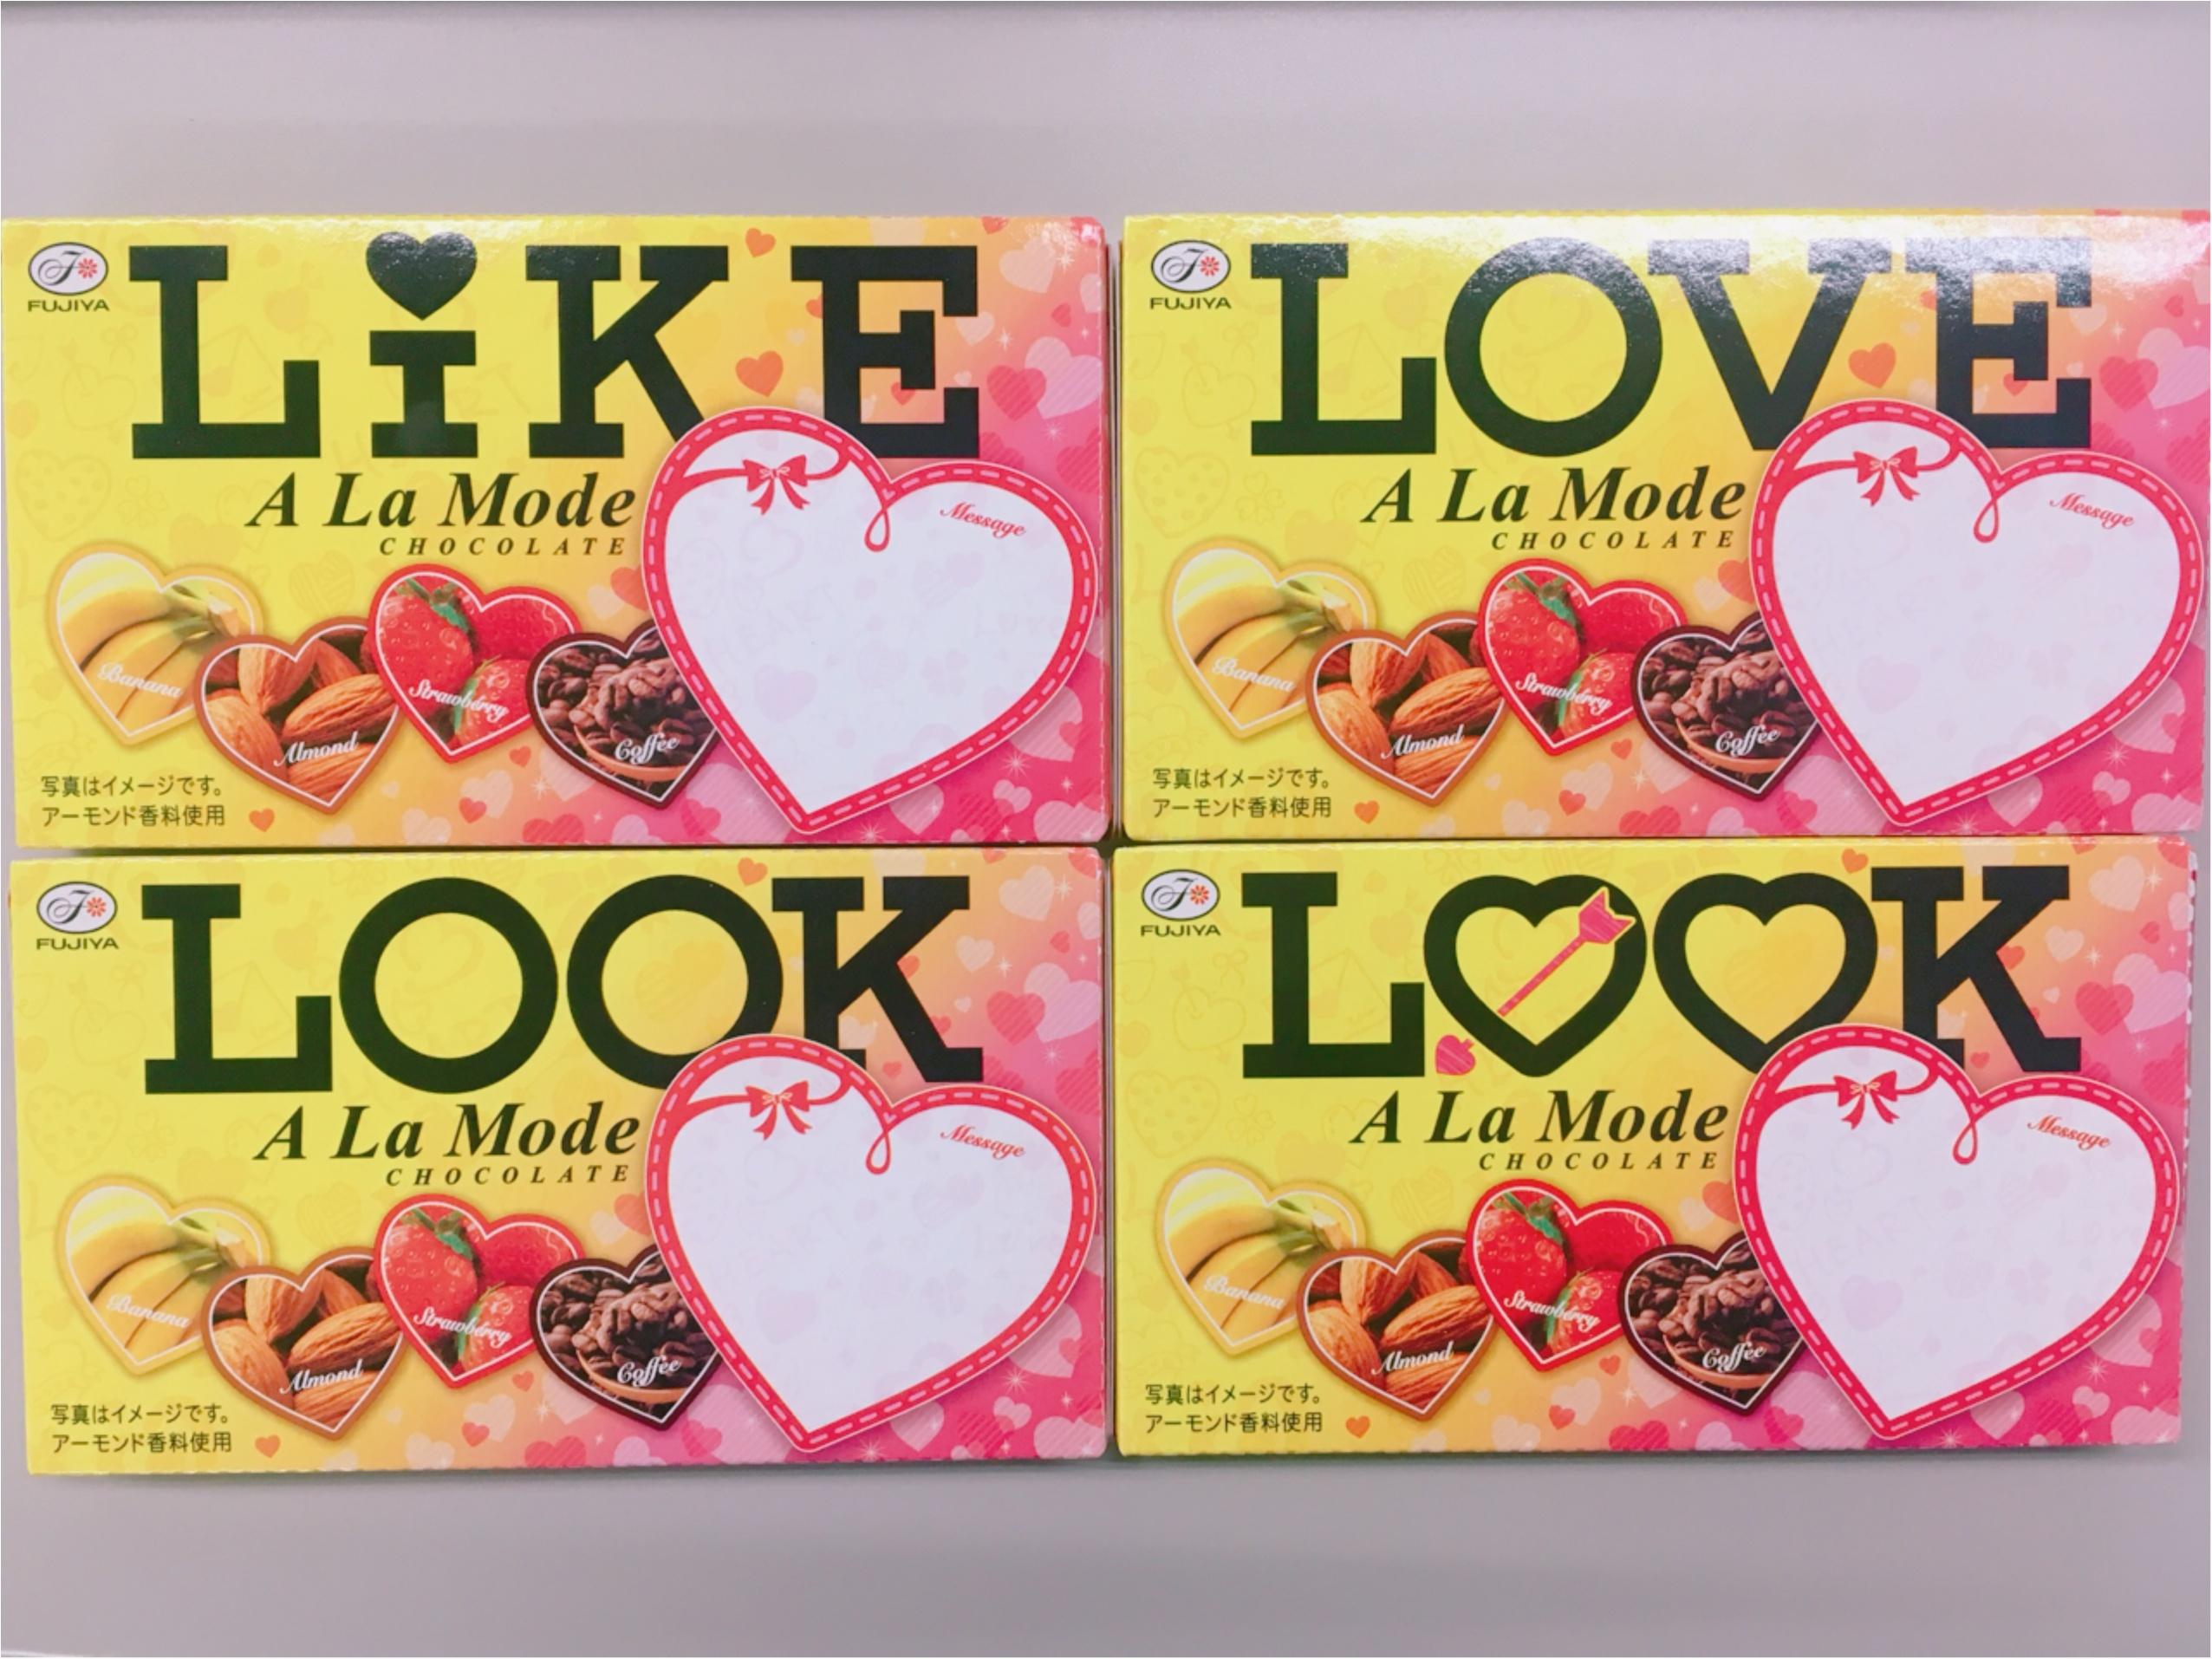 今年のバレンタインチョコレート、何あげるか決めた?私が見つけたコレ、かわいい!のチョコ♡_1